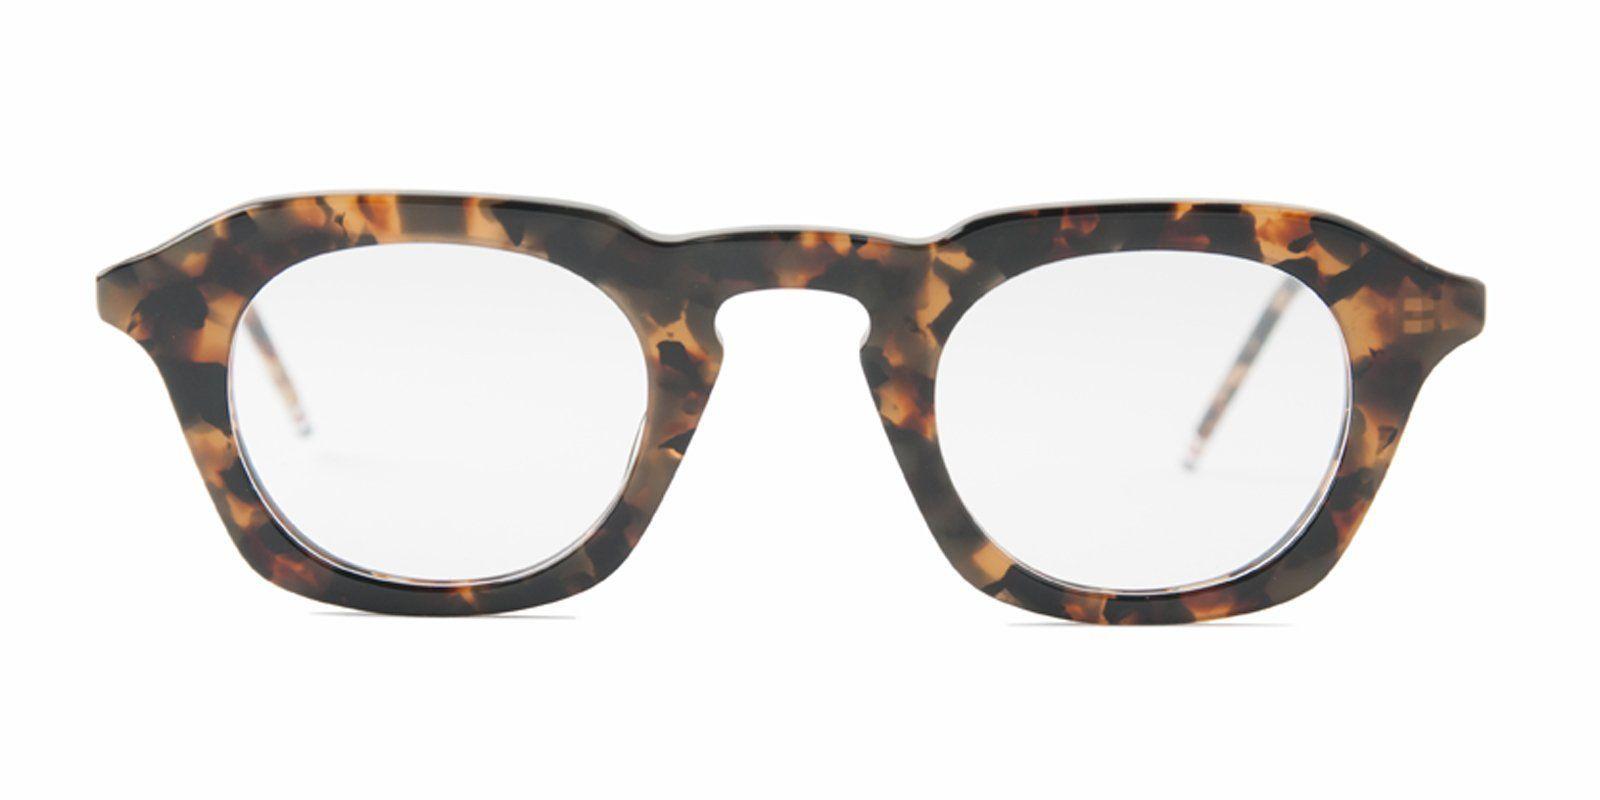 4df2a7be36 Thom Browne - TB-414 Tokyo Tortoise eyeglasses